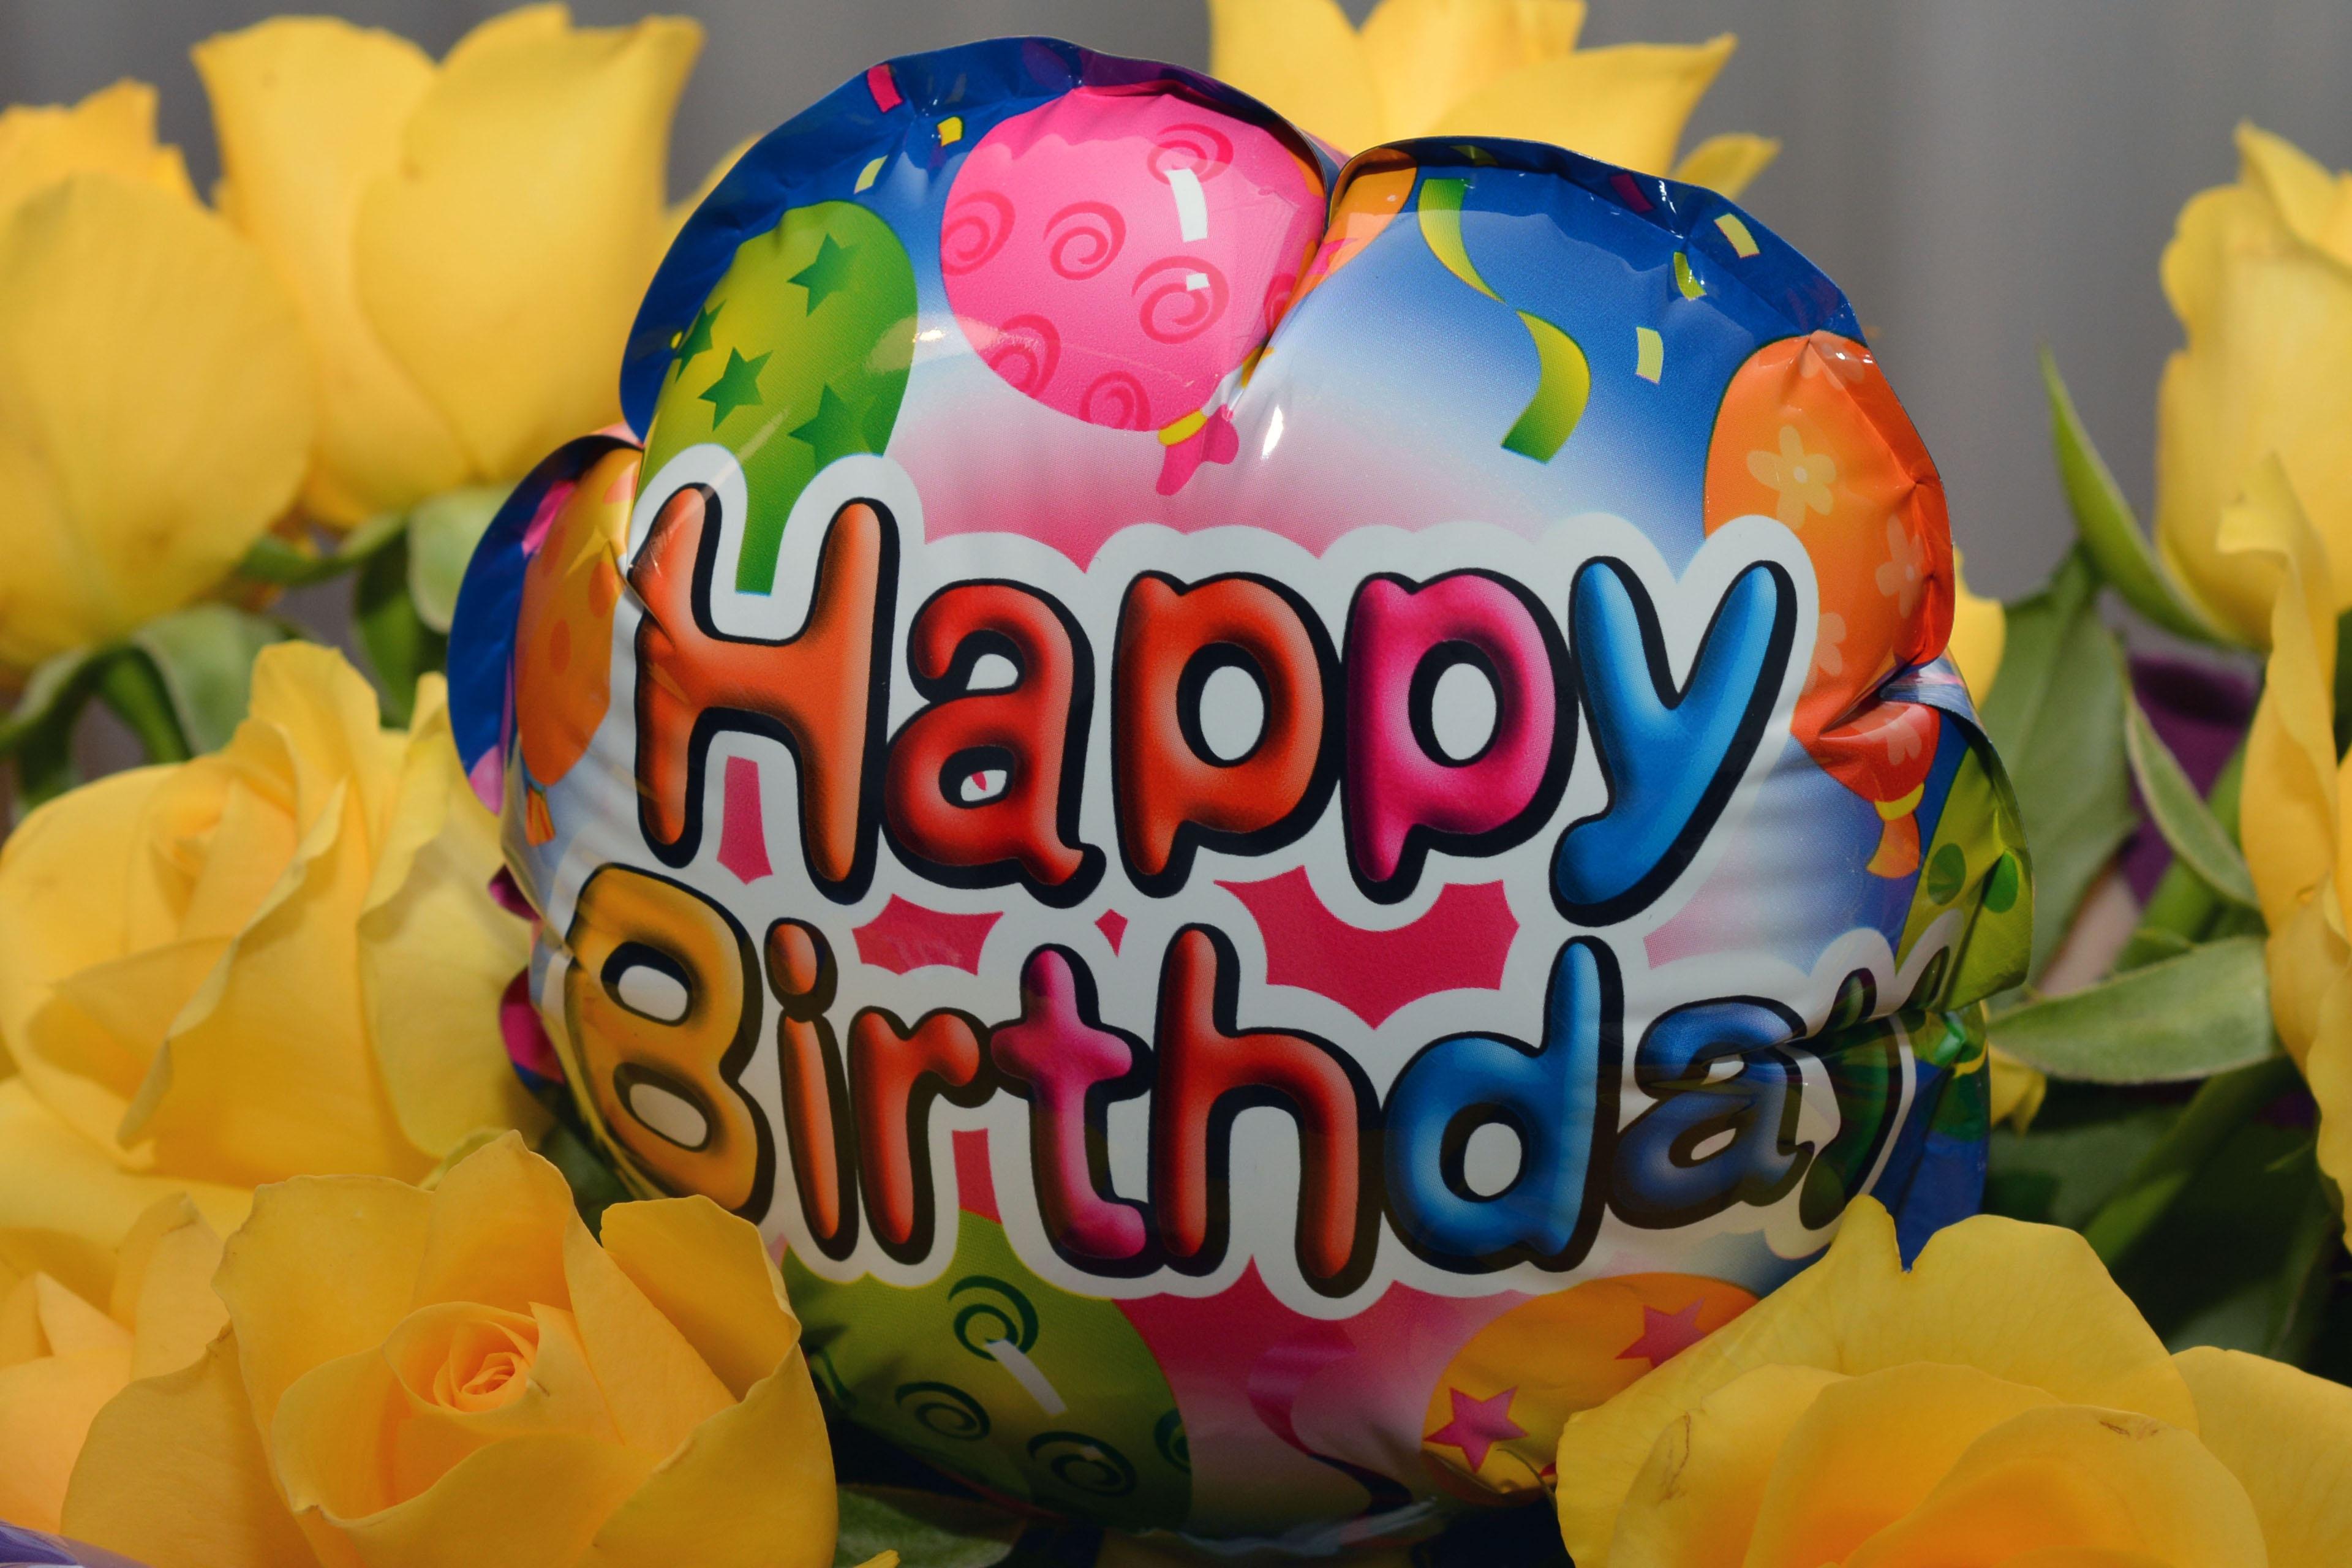 grappige afbeeldingen gefeliciteerd Gratis Afbeeldingen : bloem, ballon, viering, eten, kleur  grappige afbeeldingen gefeliciteerd